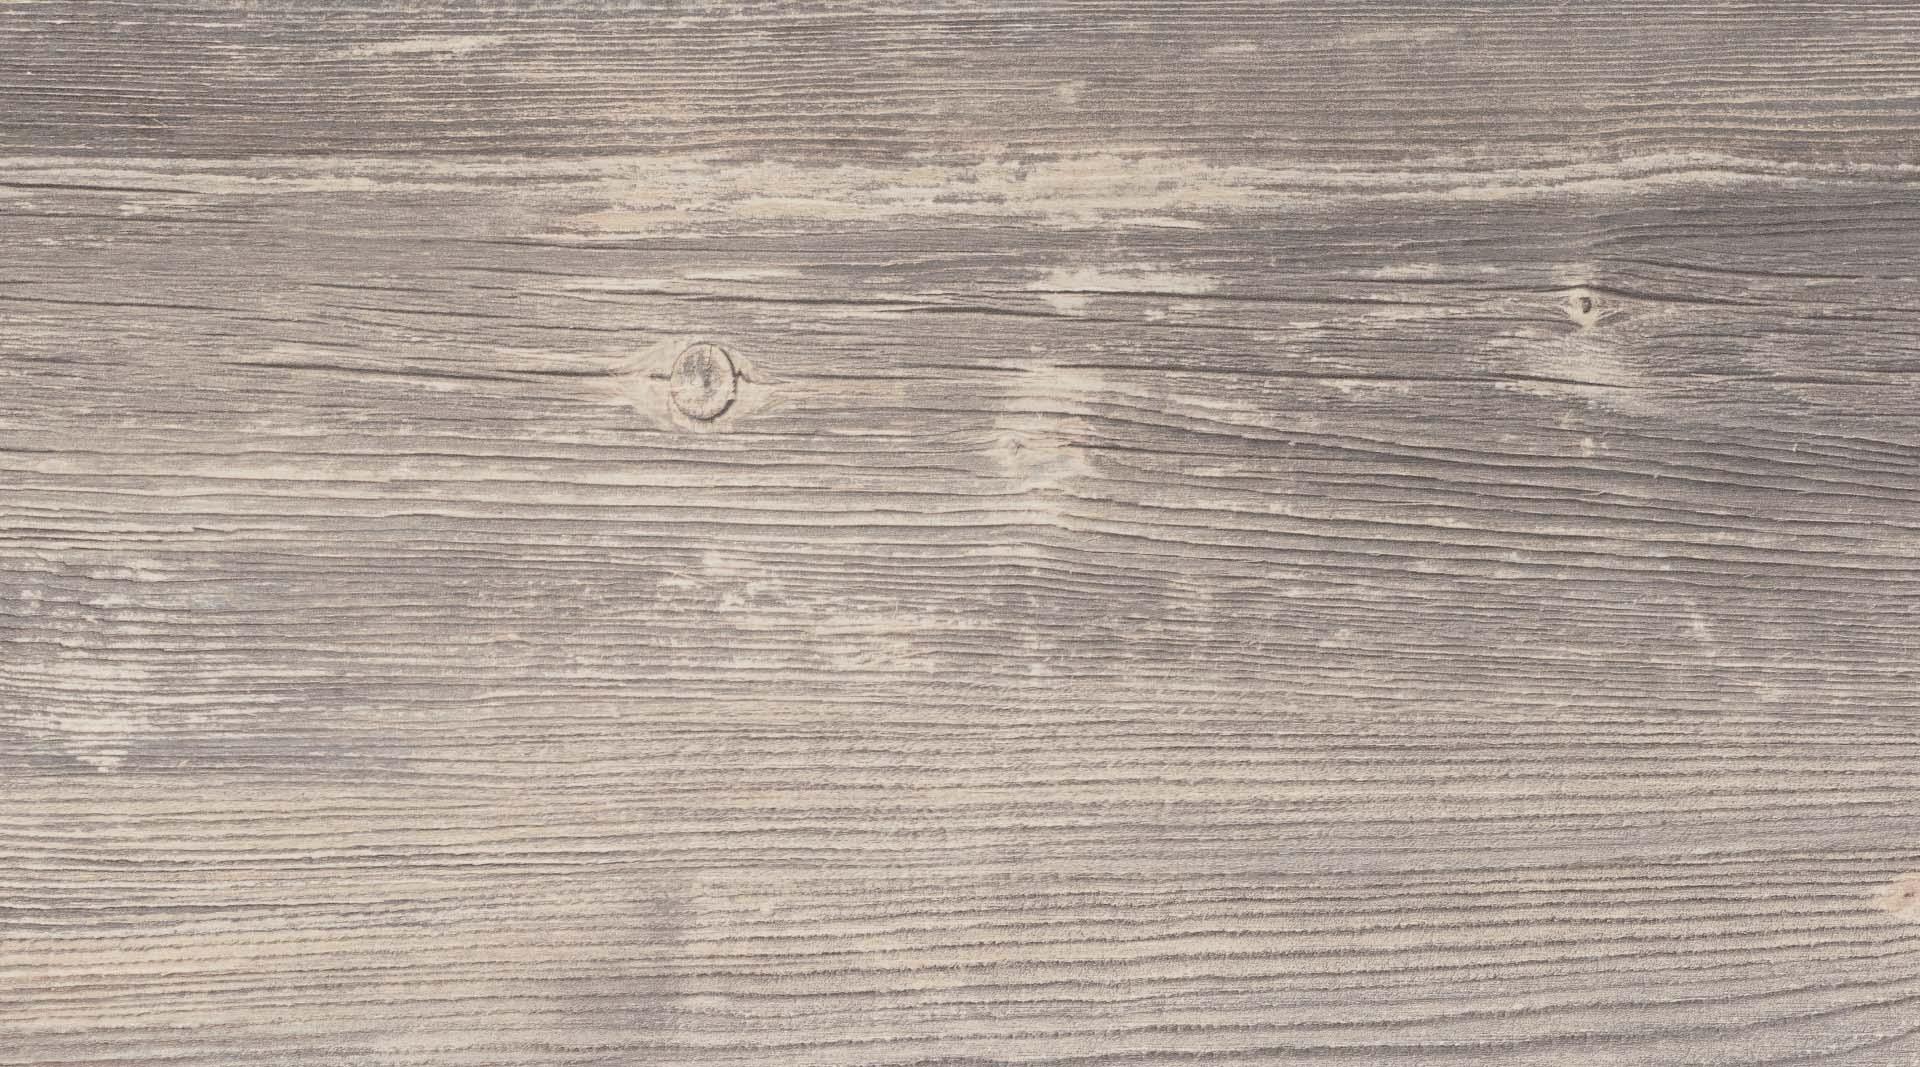 Full Size of Hochglanz Laminat Poco Kche Sonoma Eiche Husliche Verbesserung Pendelleuchte Küche Grau Im Bad Big Sofa Weiss Für Hängeschrank Weiß Wohnzimmer Kommode Wohnzimmer Hochglanz Laminat Poco